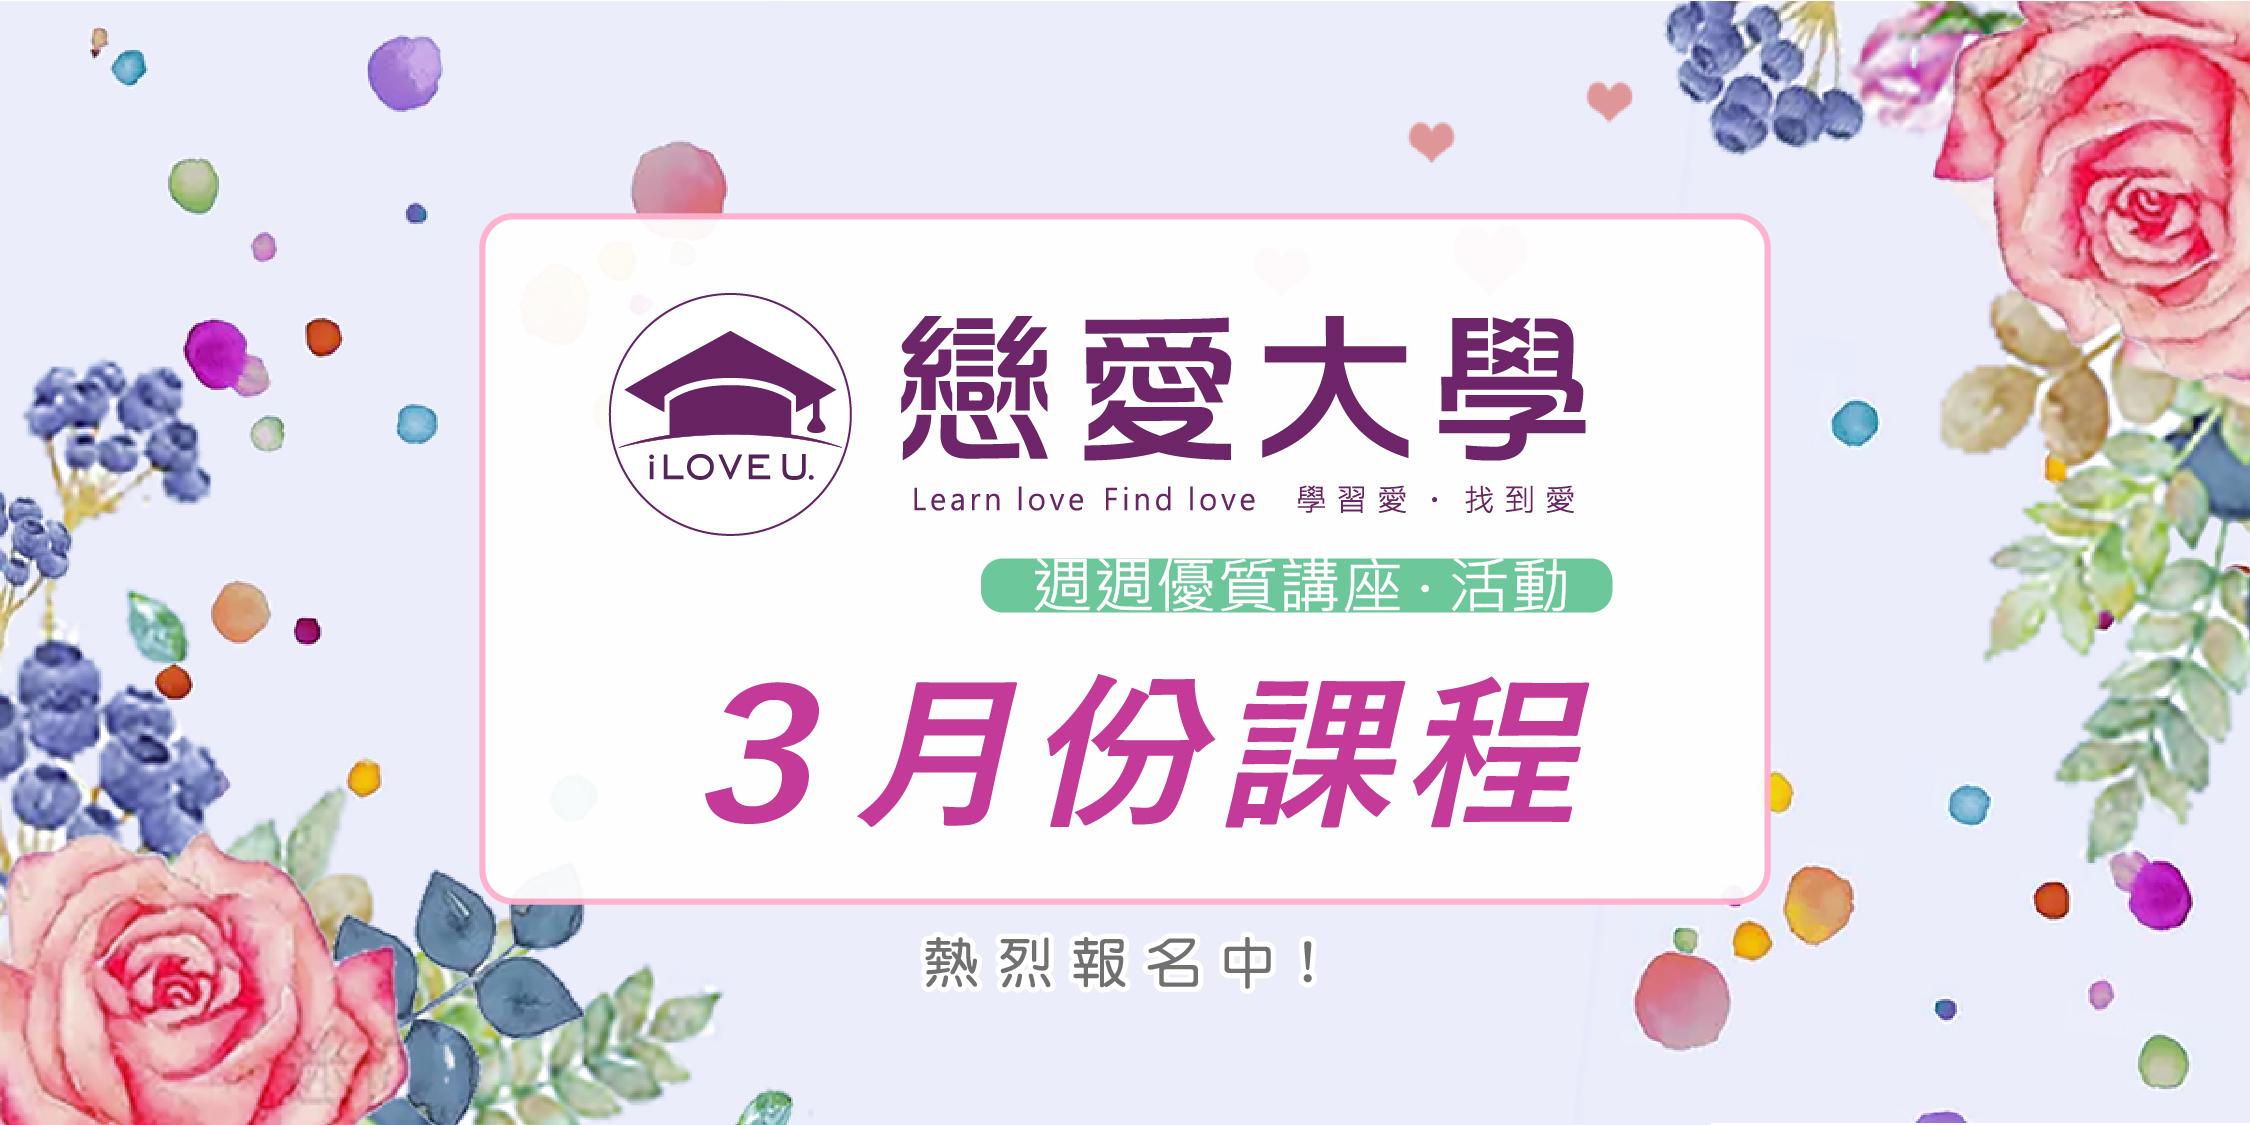 2021年【戀愛大學3月份課表特輯】熱烈報名ing !